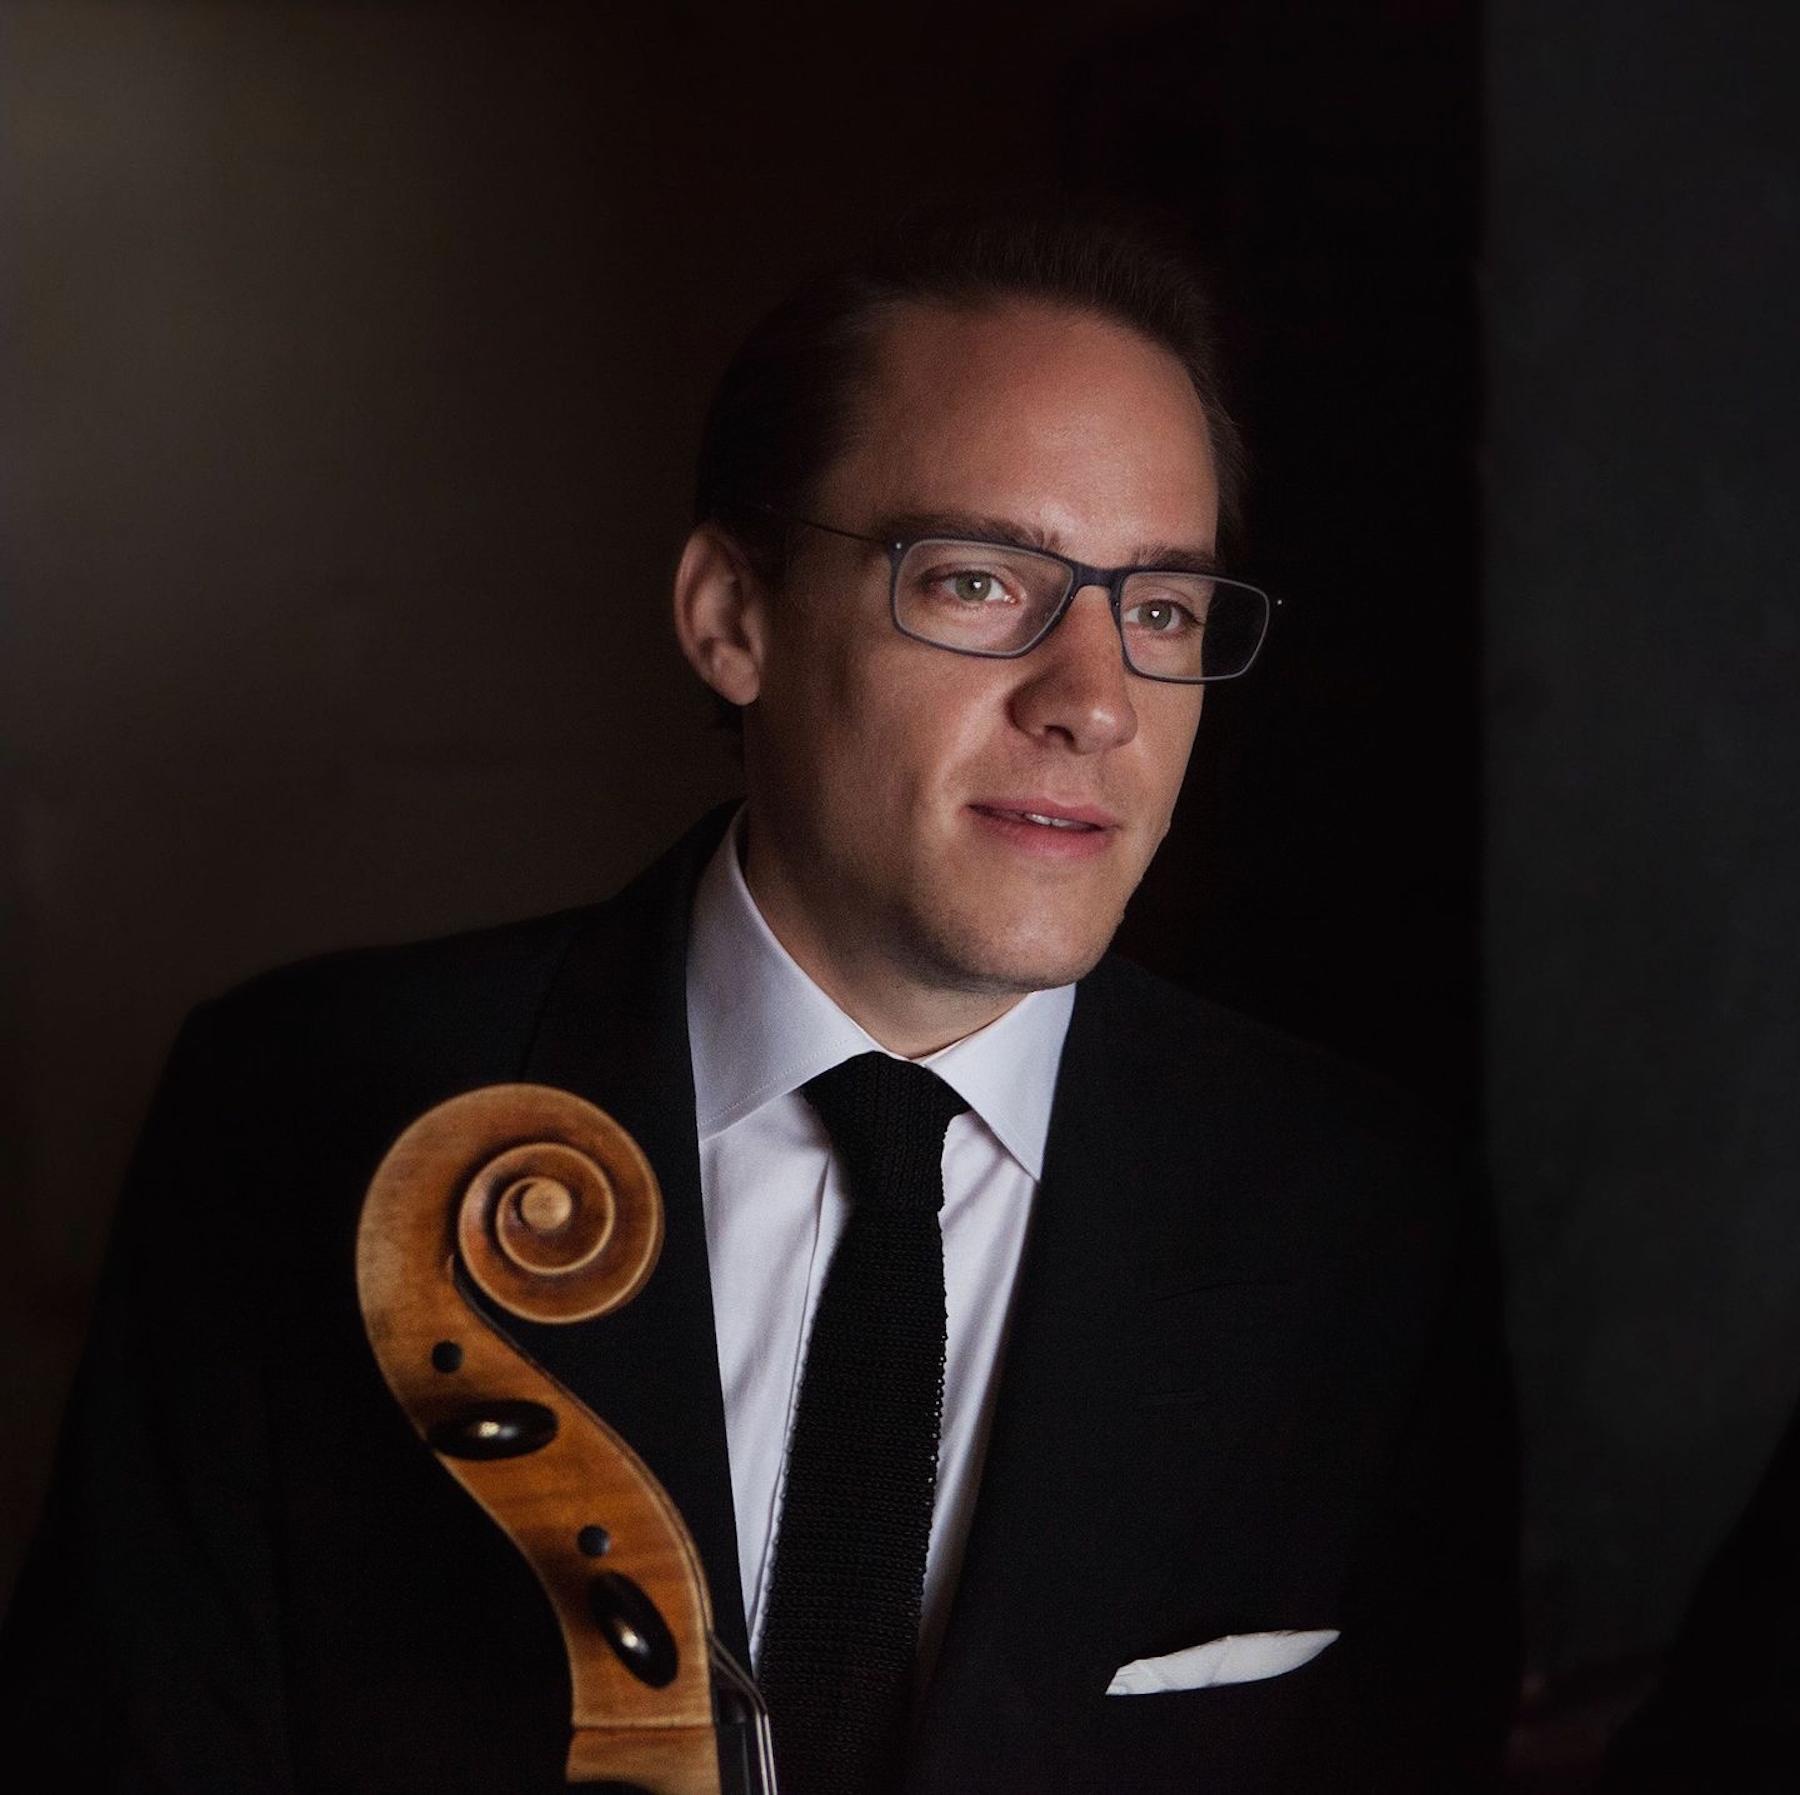 John Myerscough, cello